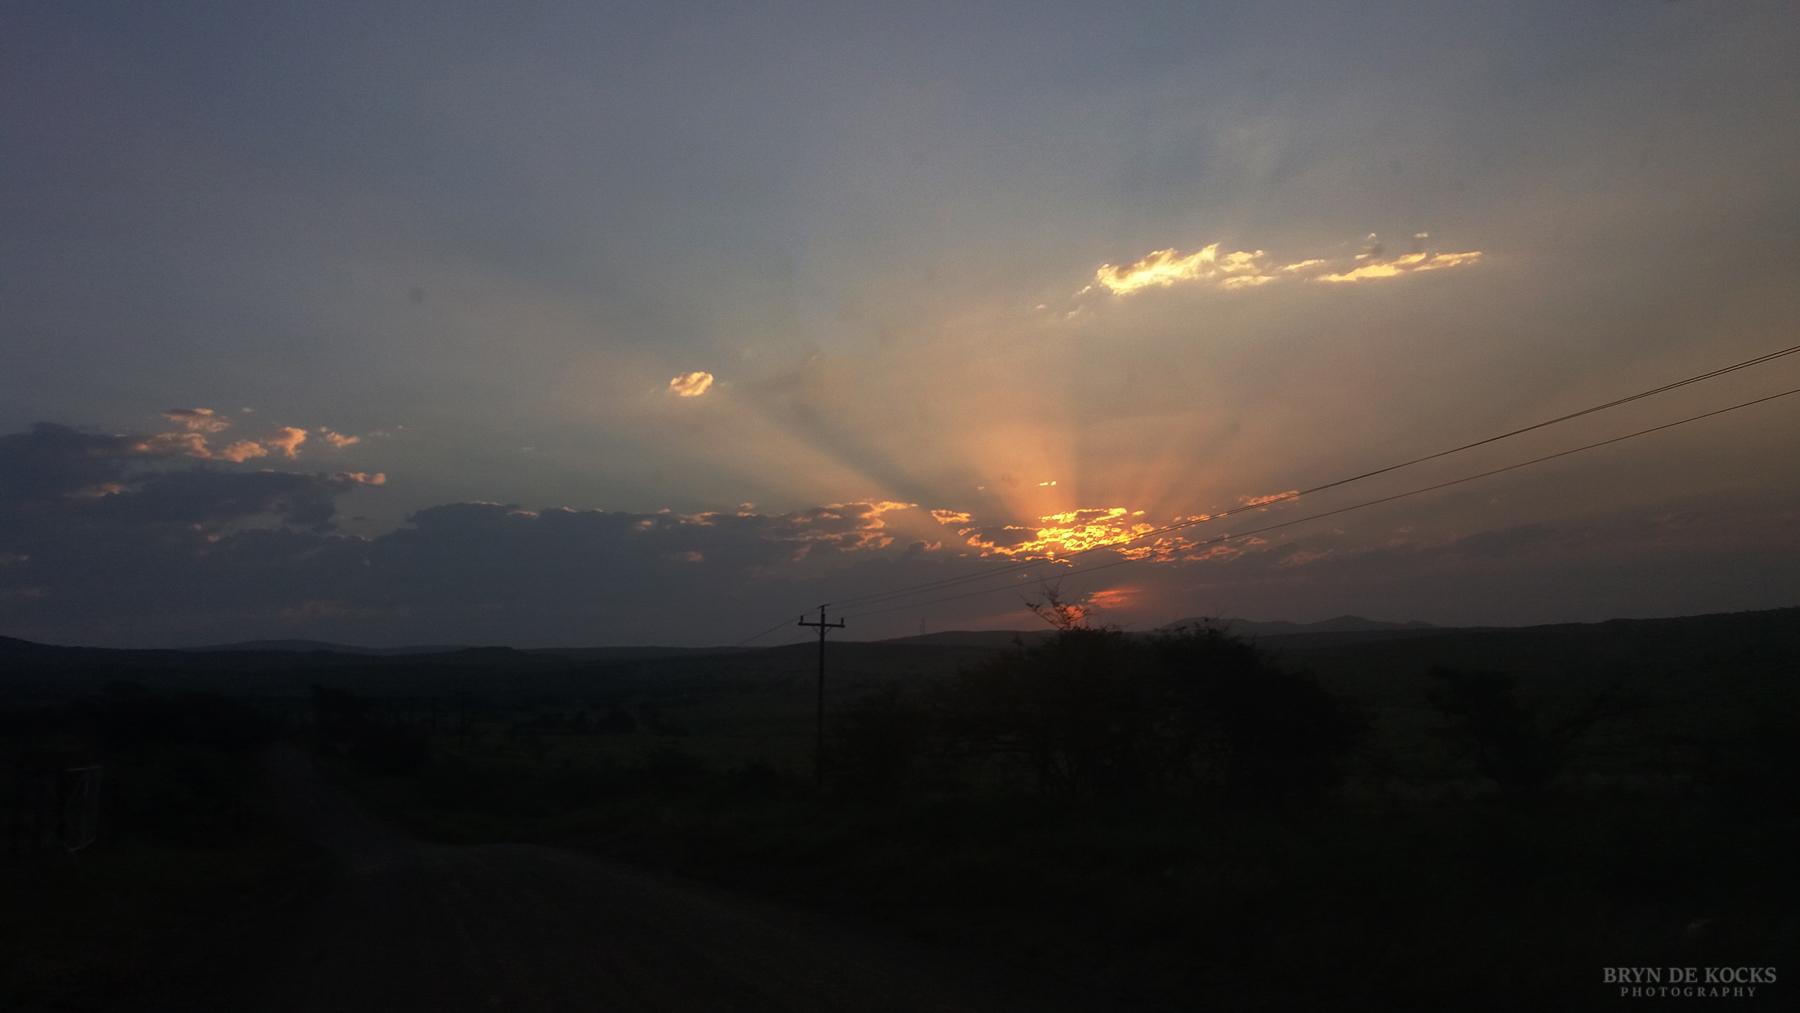 zululands-sunset